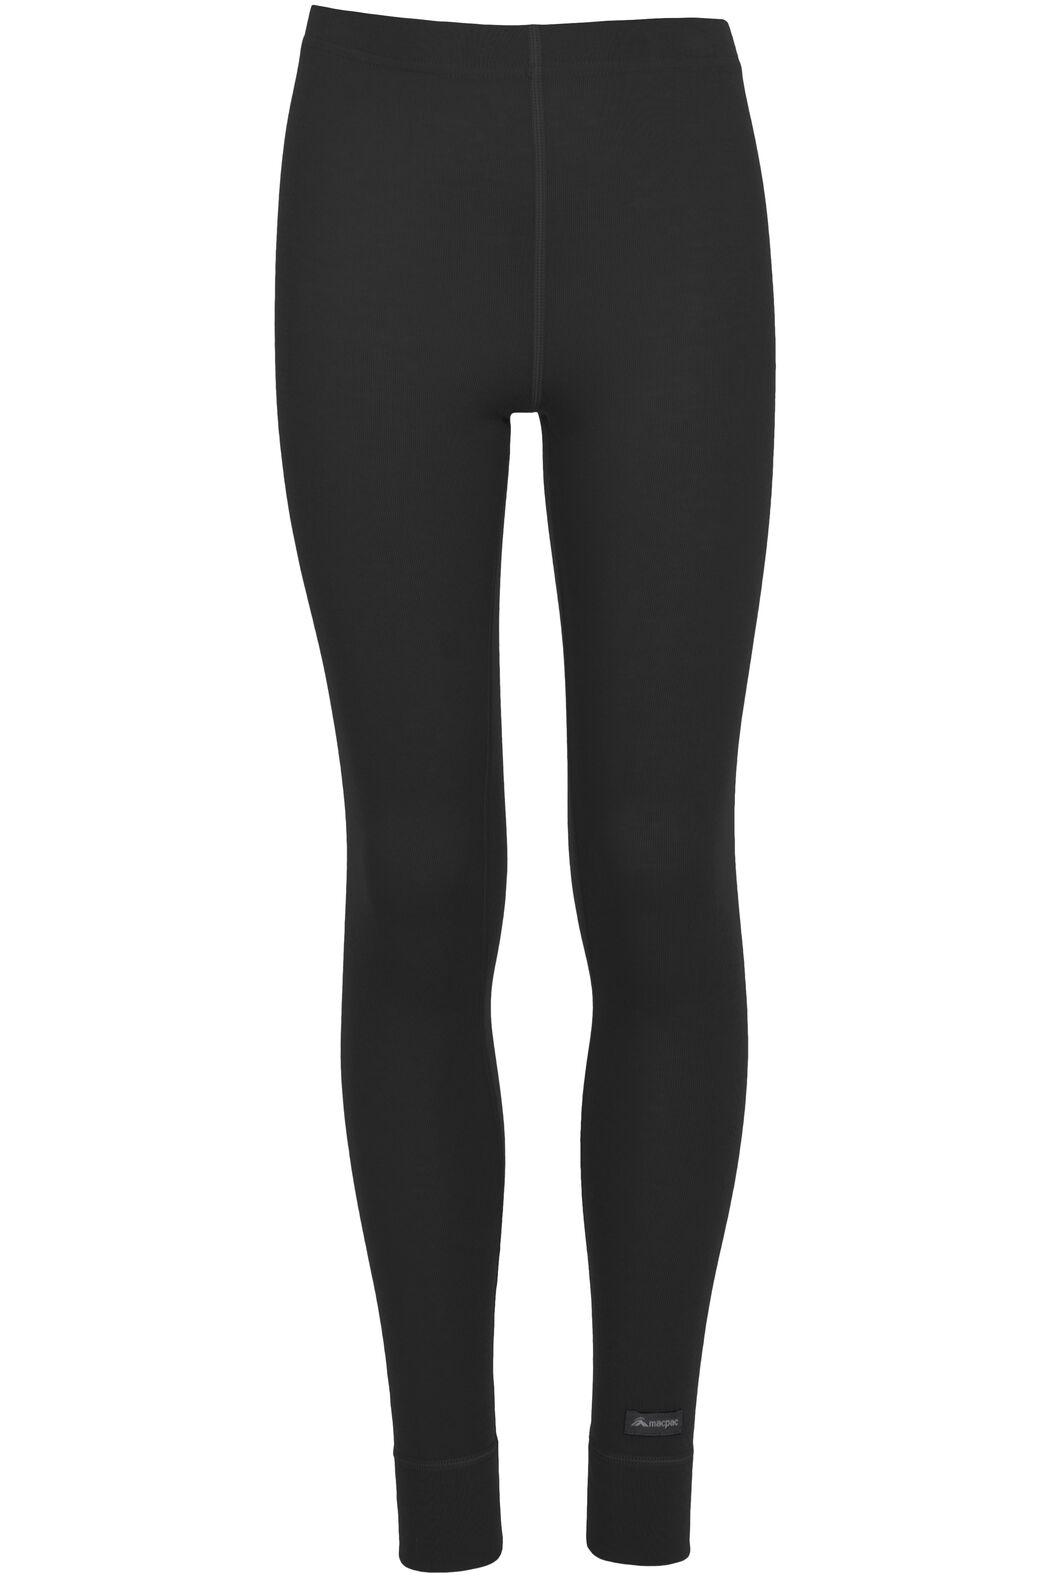 Macpac Geothermal Pants - Kids', Black, hi-res